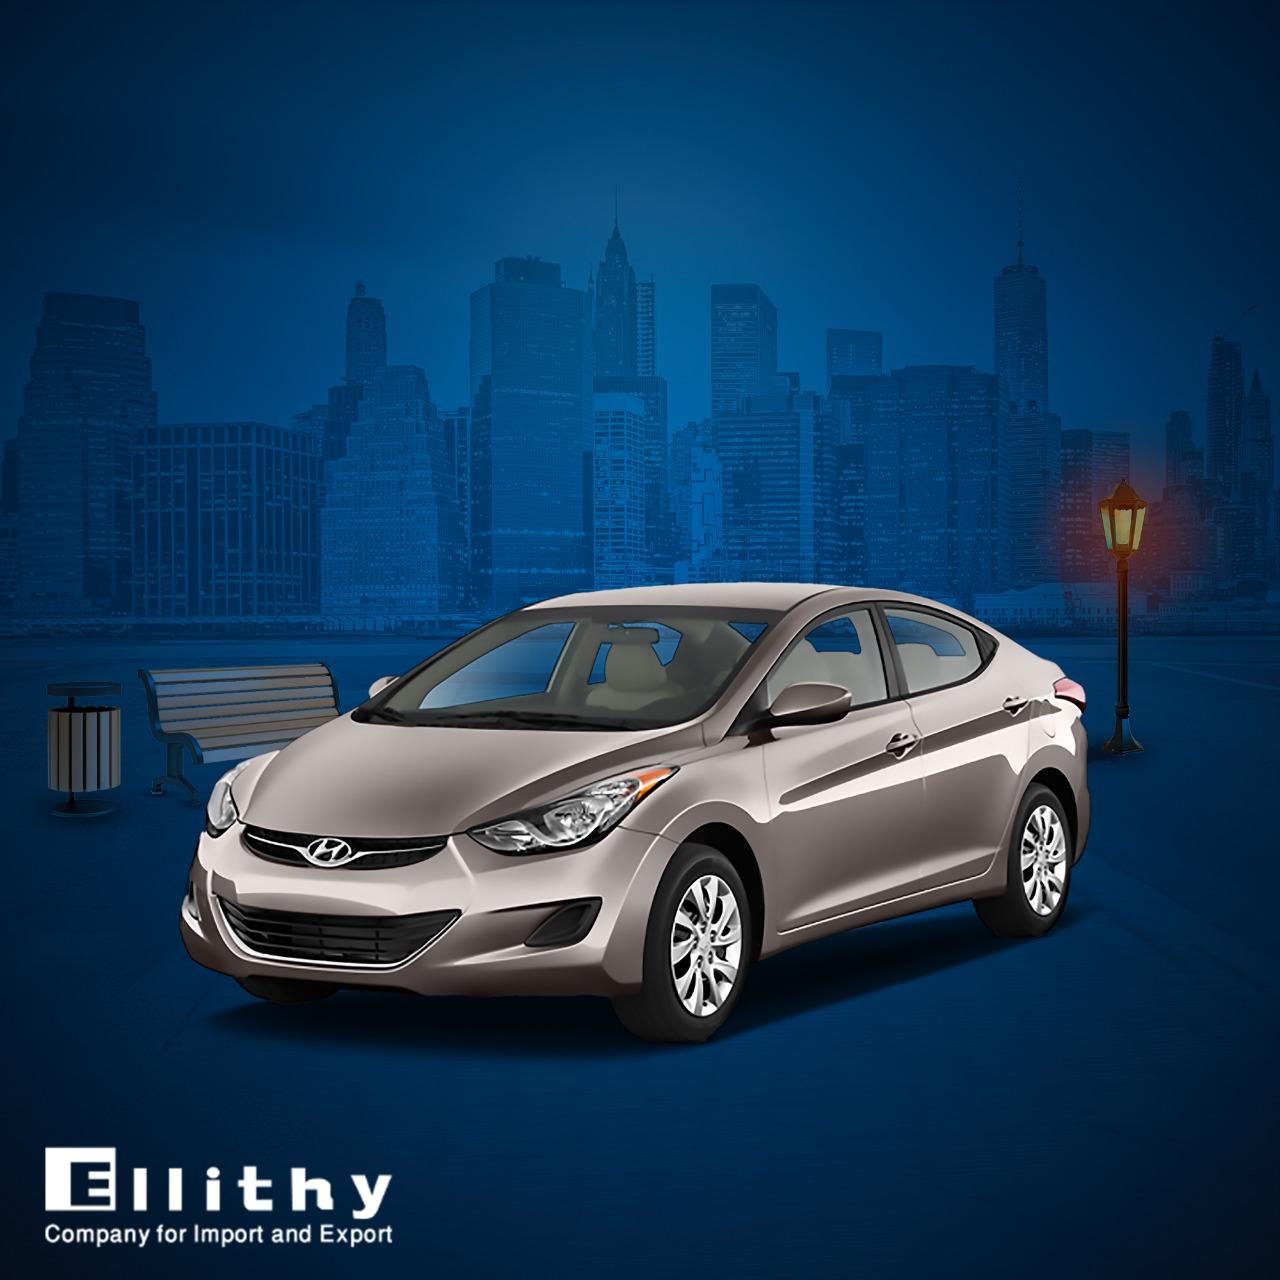 نصائح عند شراء سيارة مستعملة … و كيفية فحصها قبل الشراء؟